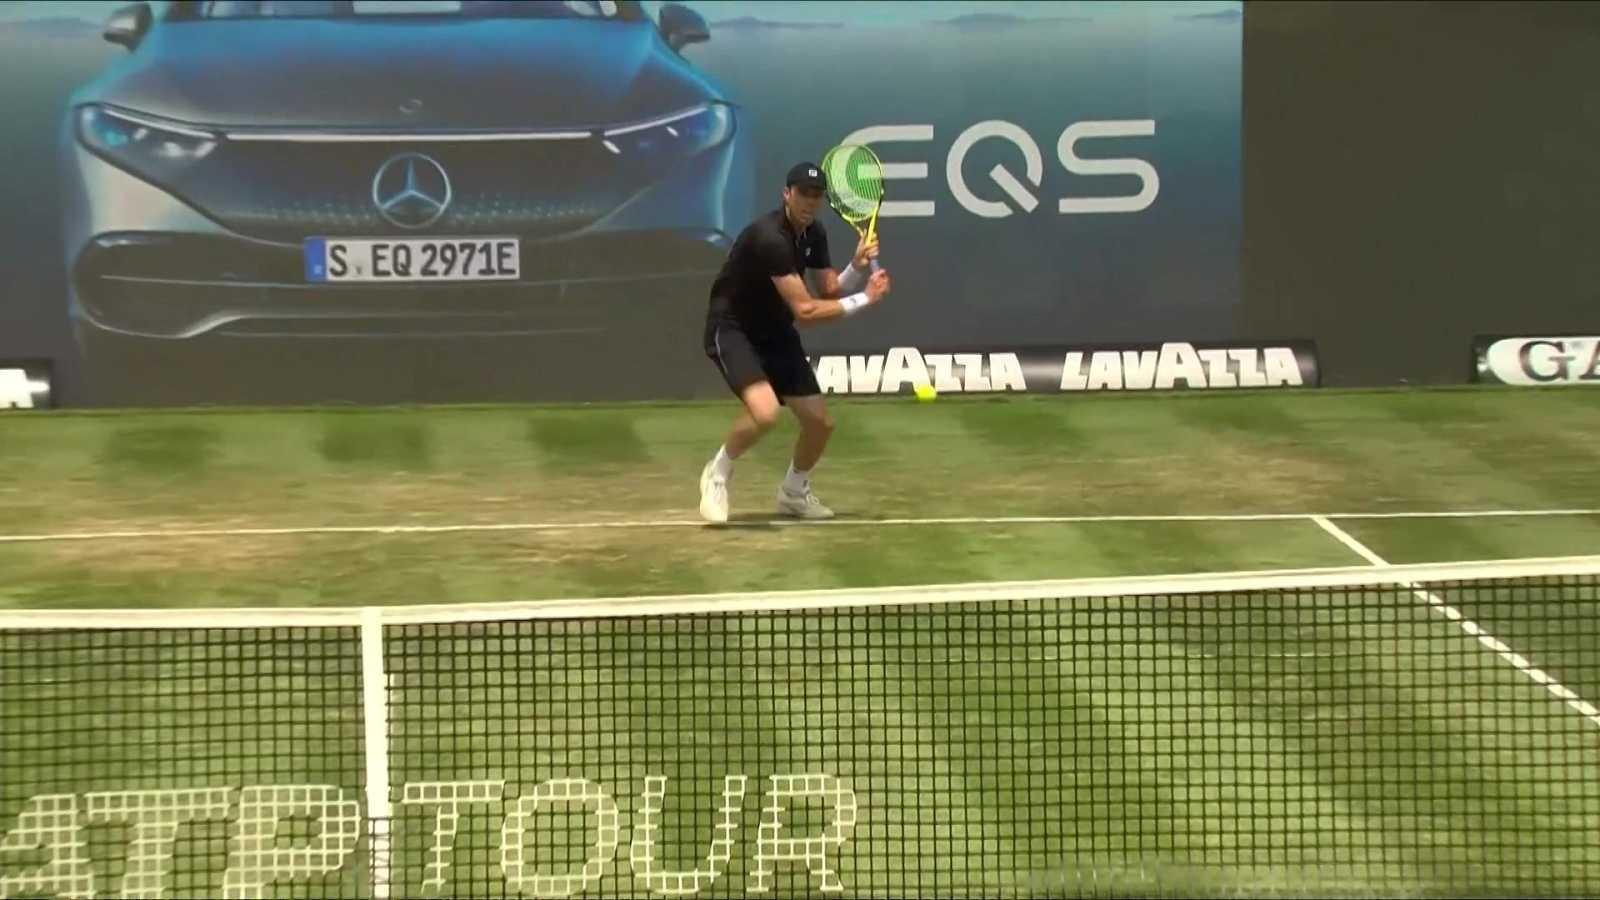 Tenis - ATP 250 Torneo Stuttgart. 1/4 final: S.Querrey - D.Stricker - ver ahora